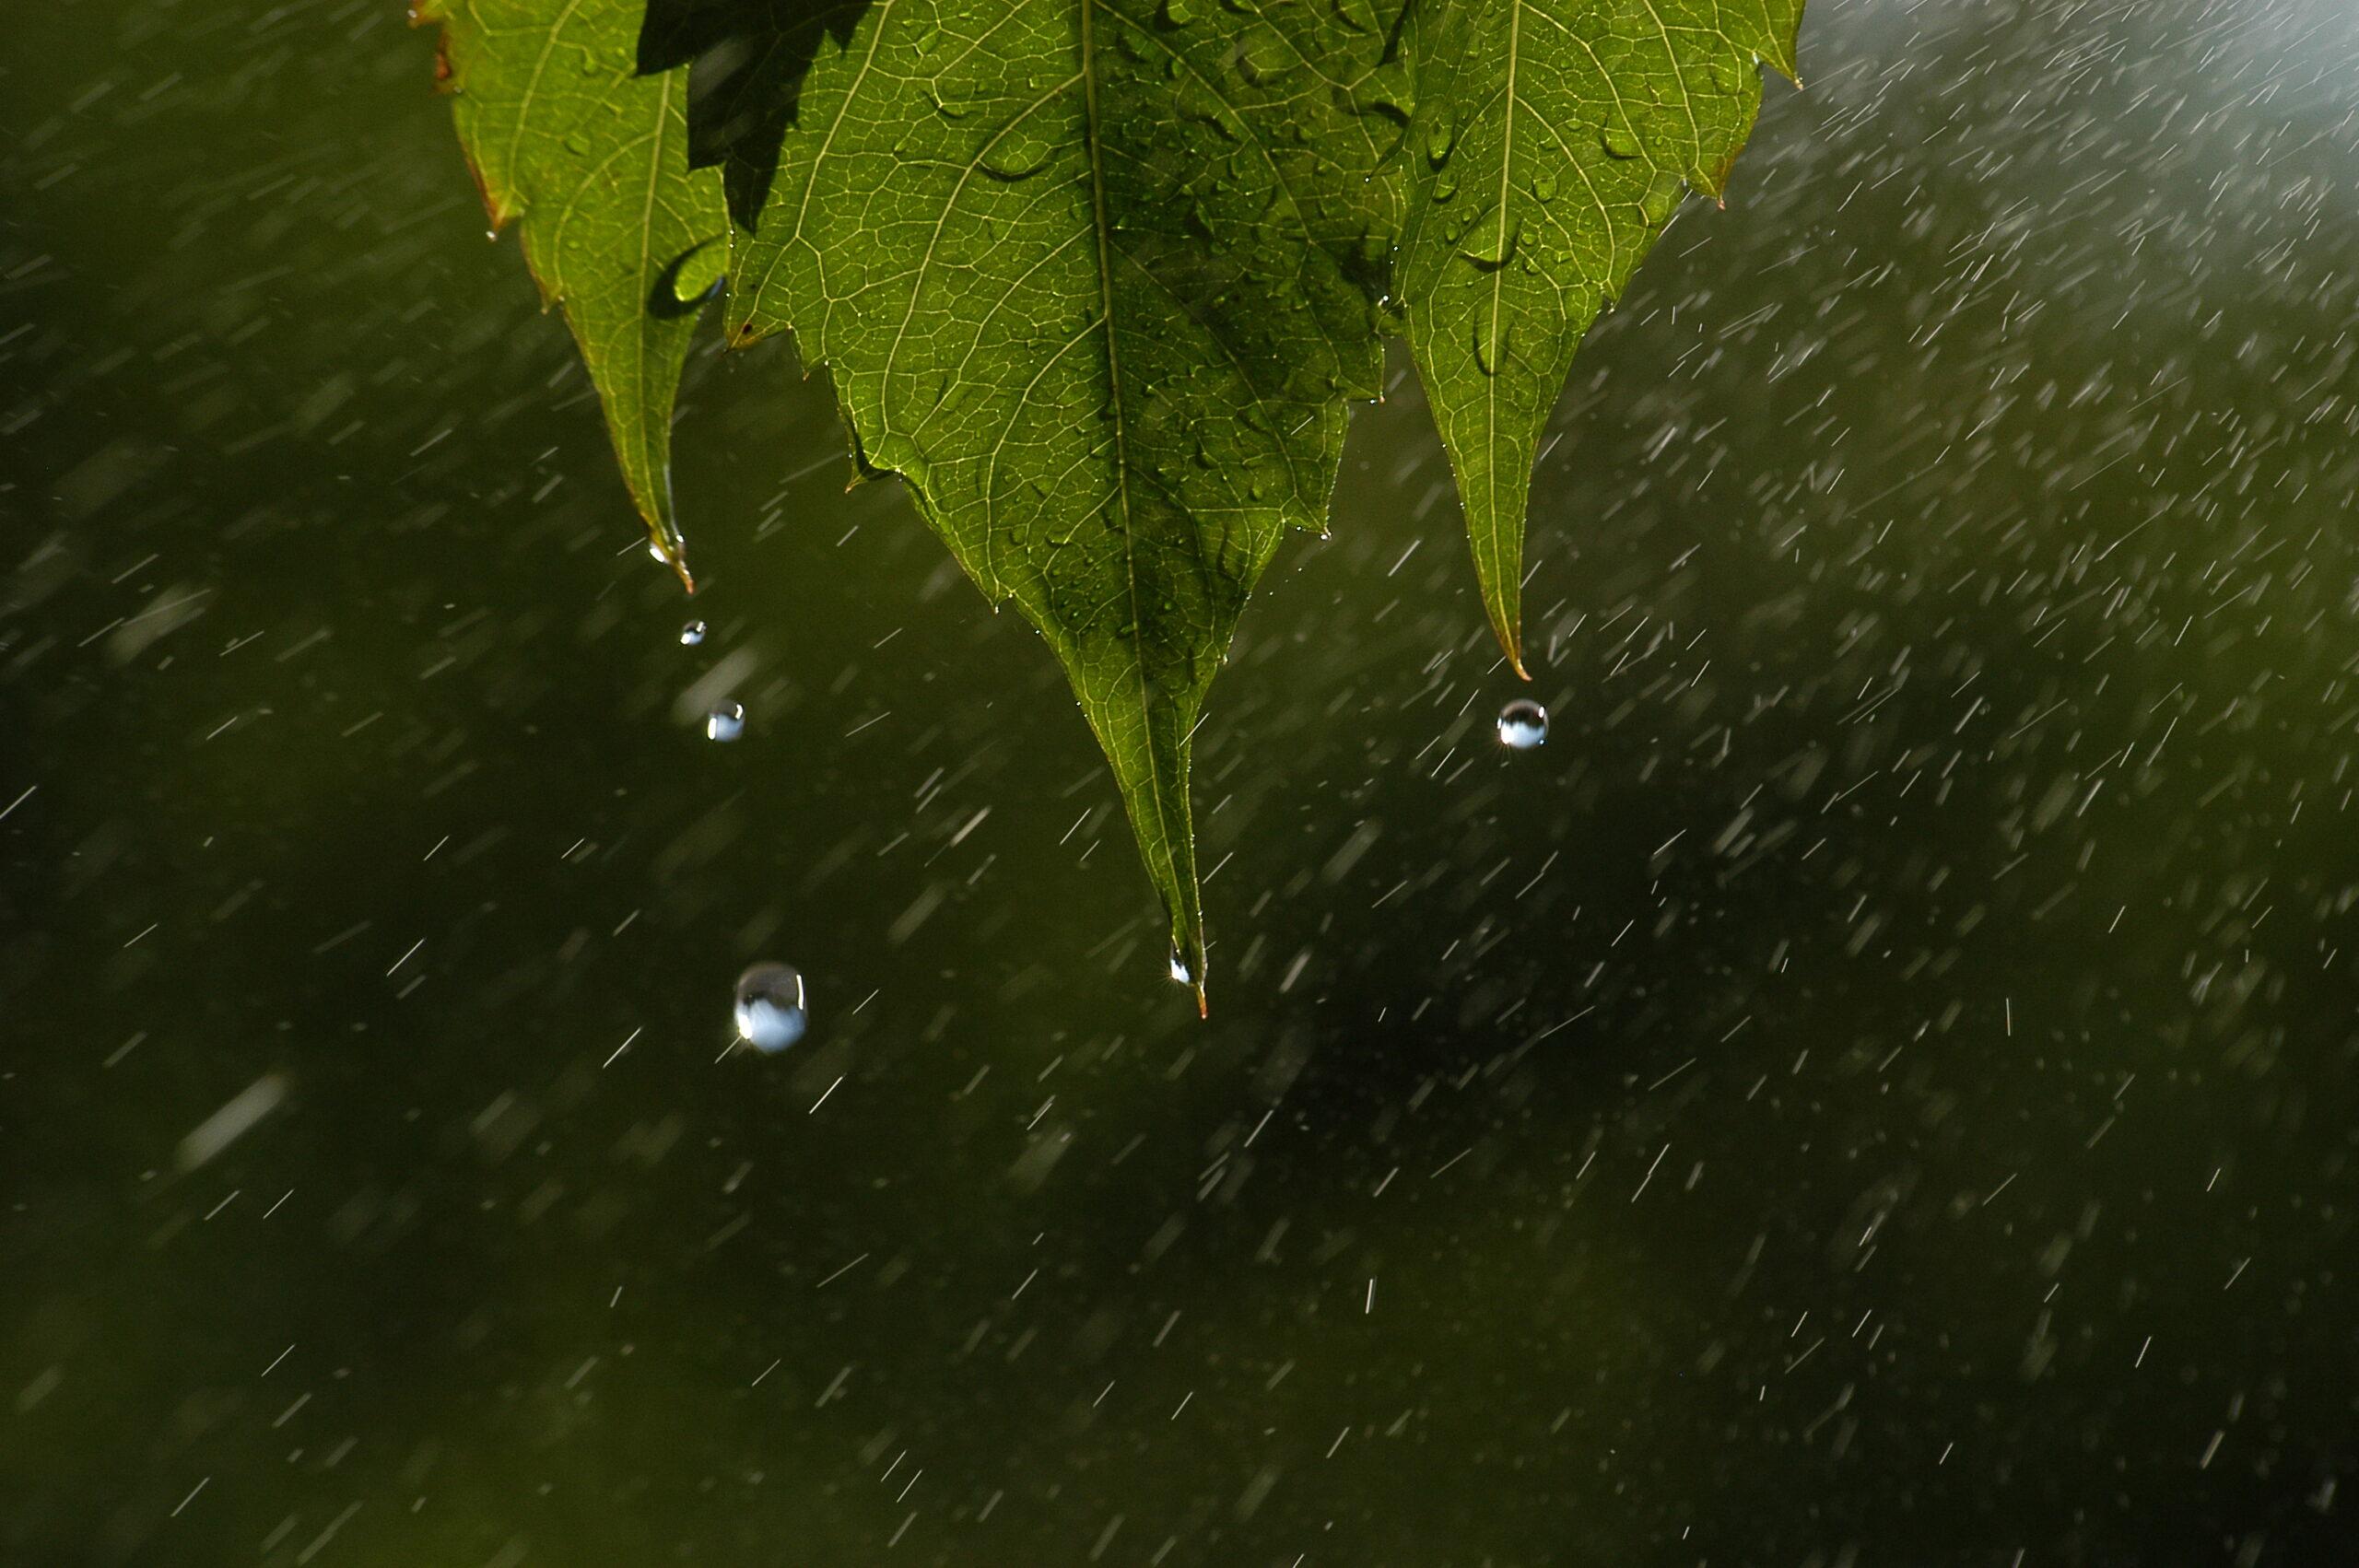 """Wyróżnienie, kategoria wiekowa powyżej 20 lat, podkategoria leśne szczegóły - Korneliusz Konsek """"Wiosenne łzy"""""""